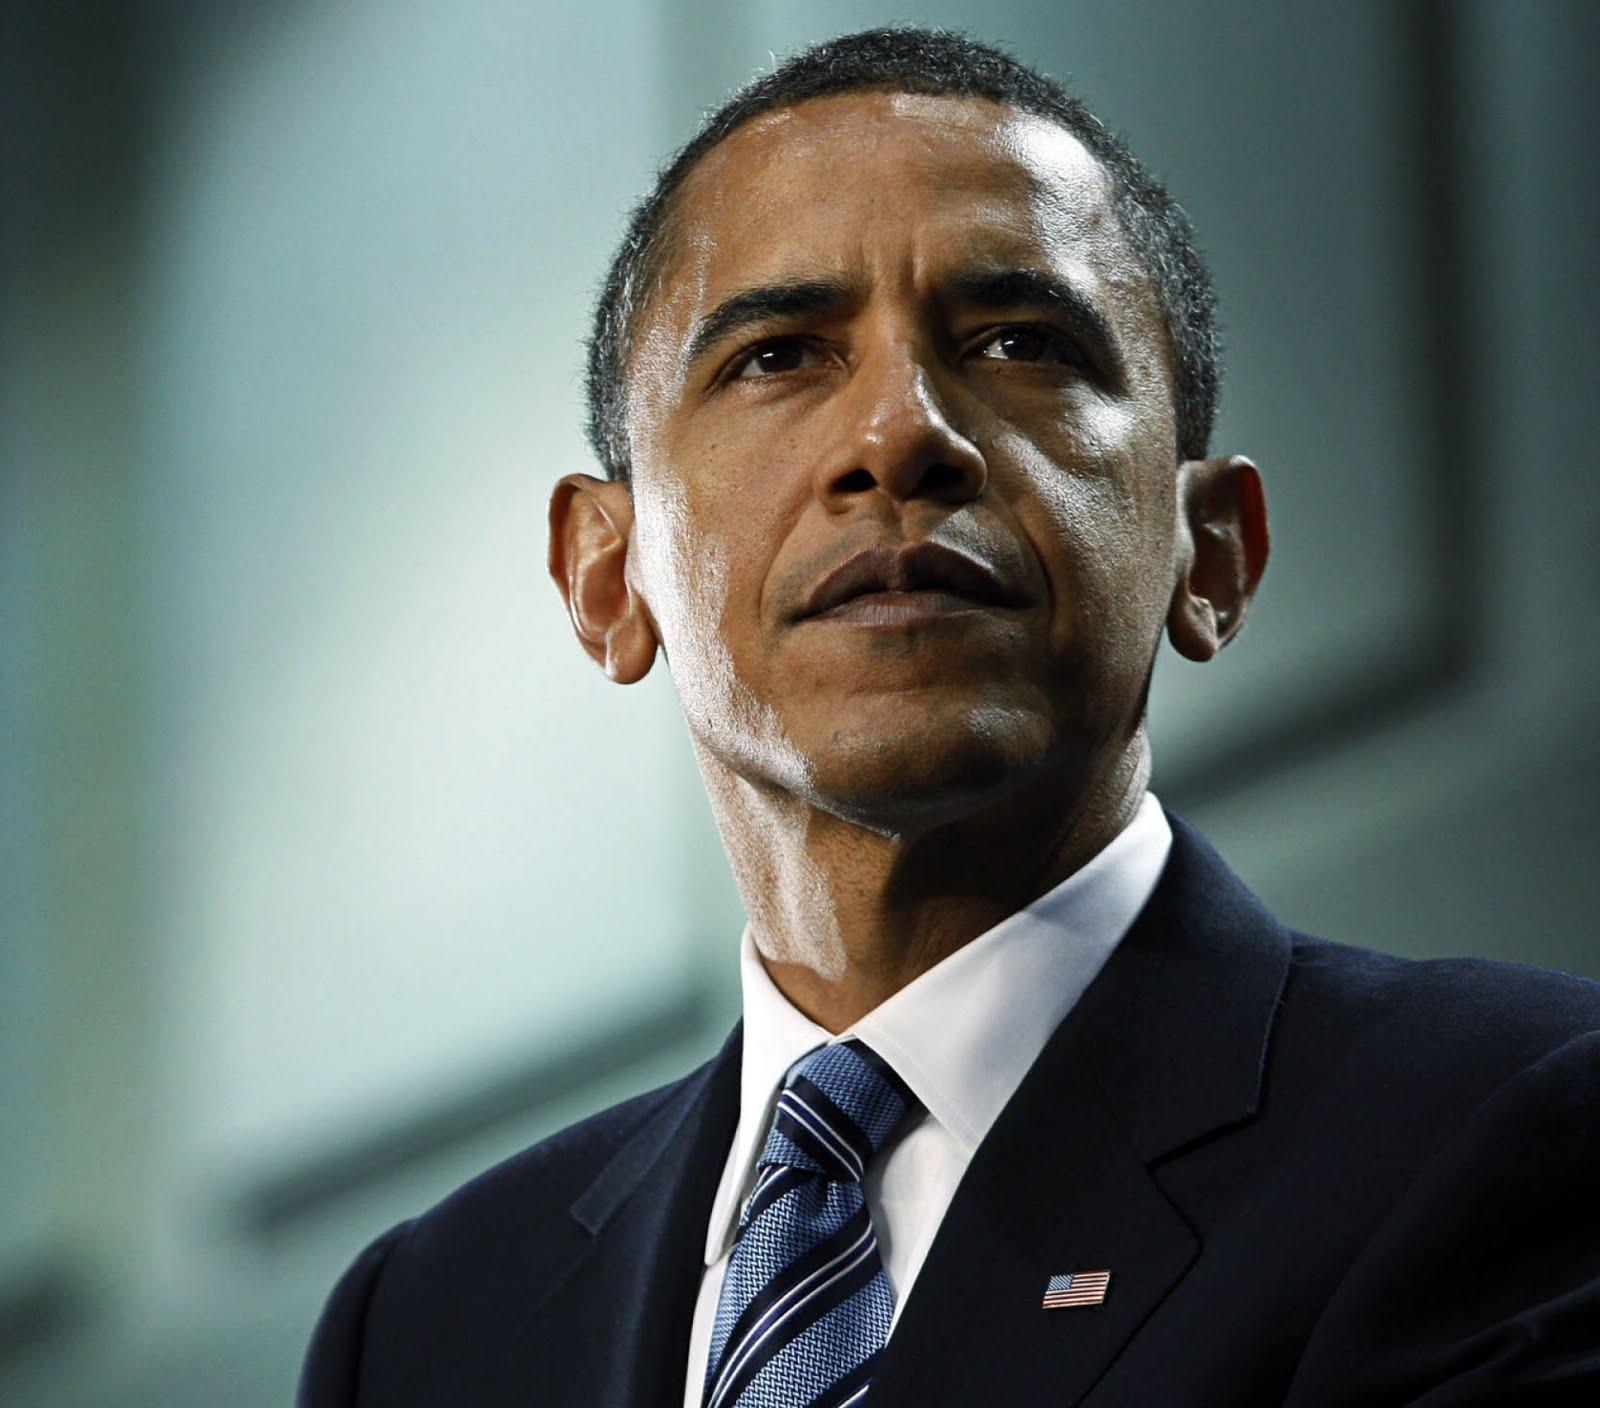 O Barack Obama και η γενιά με τον Πλούτωνα στην Παρθένο ( κλικ στην εικόνα )